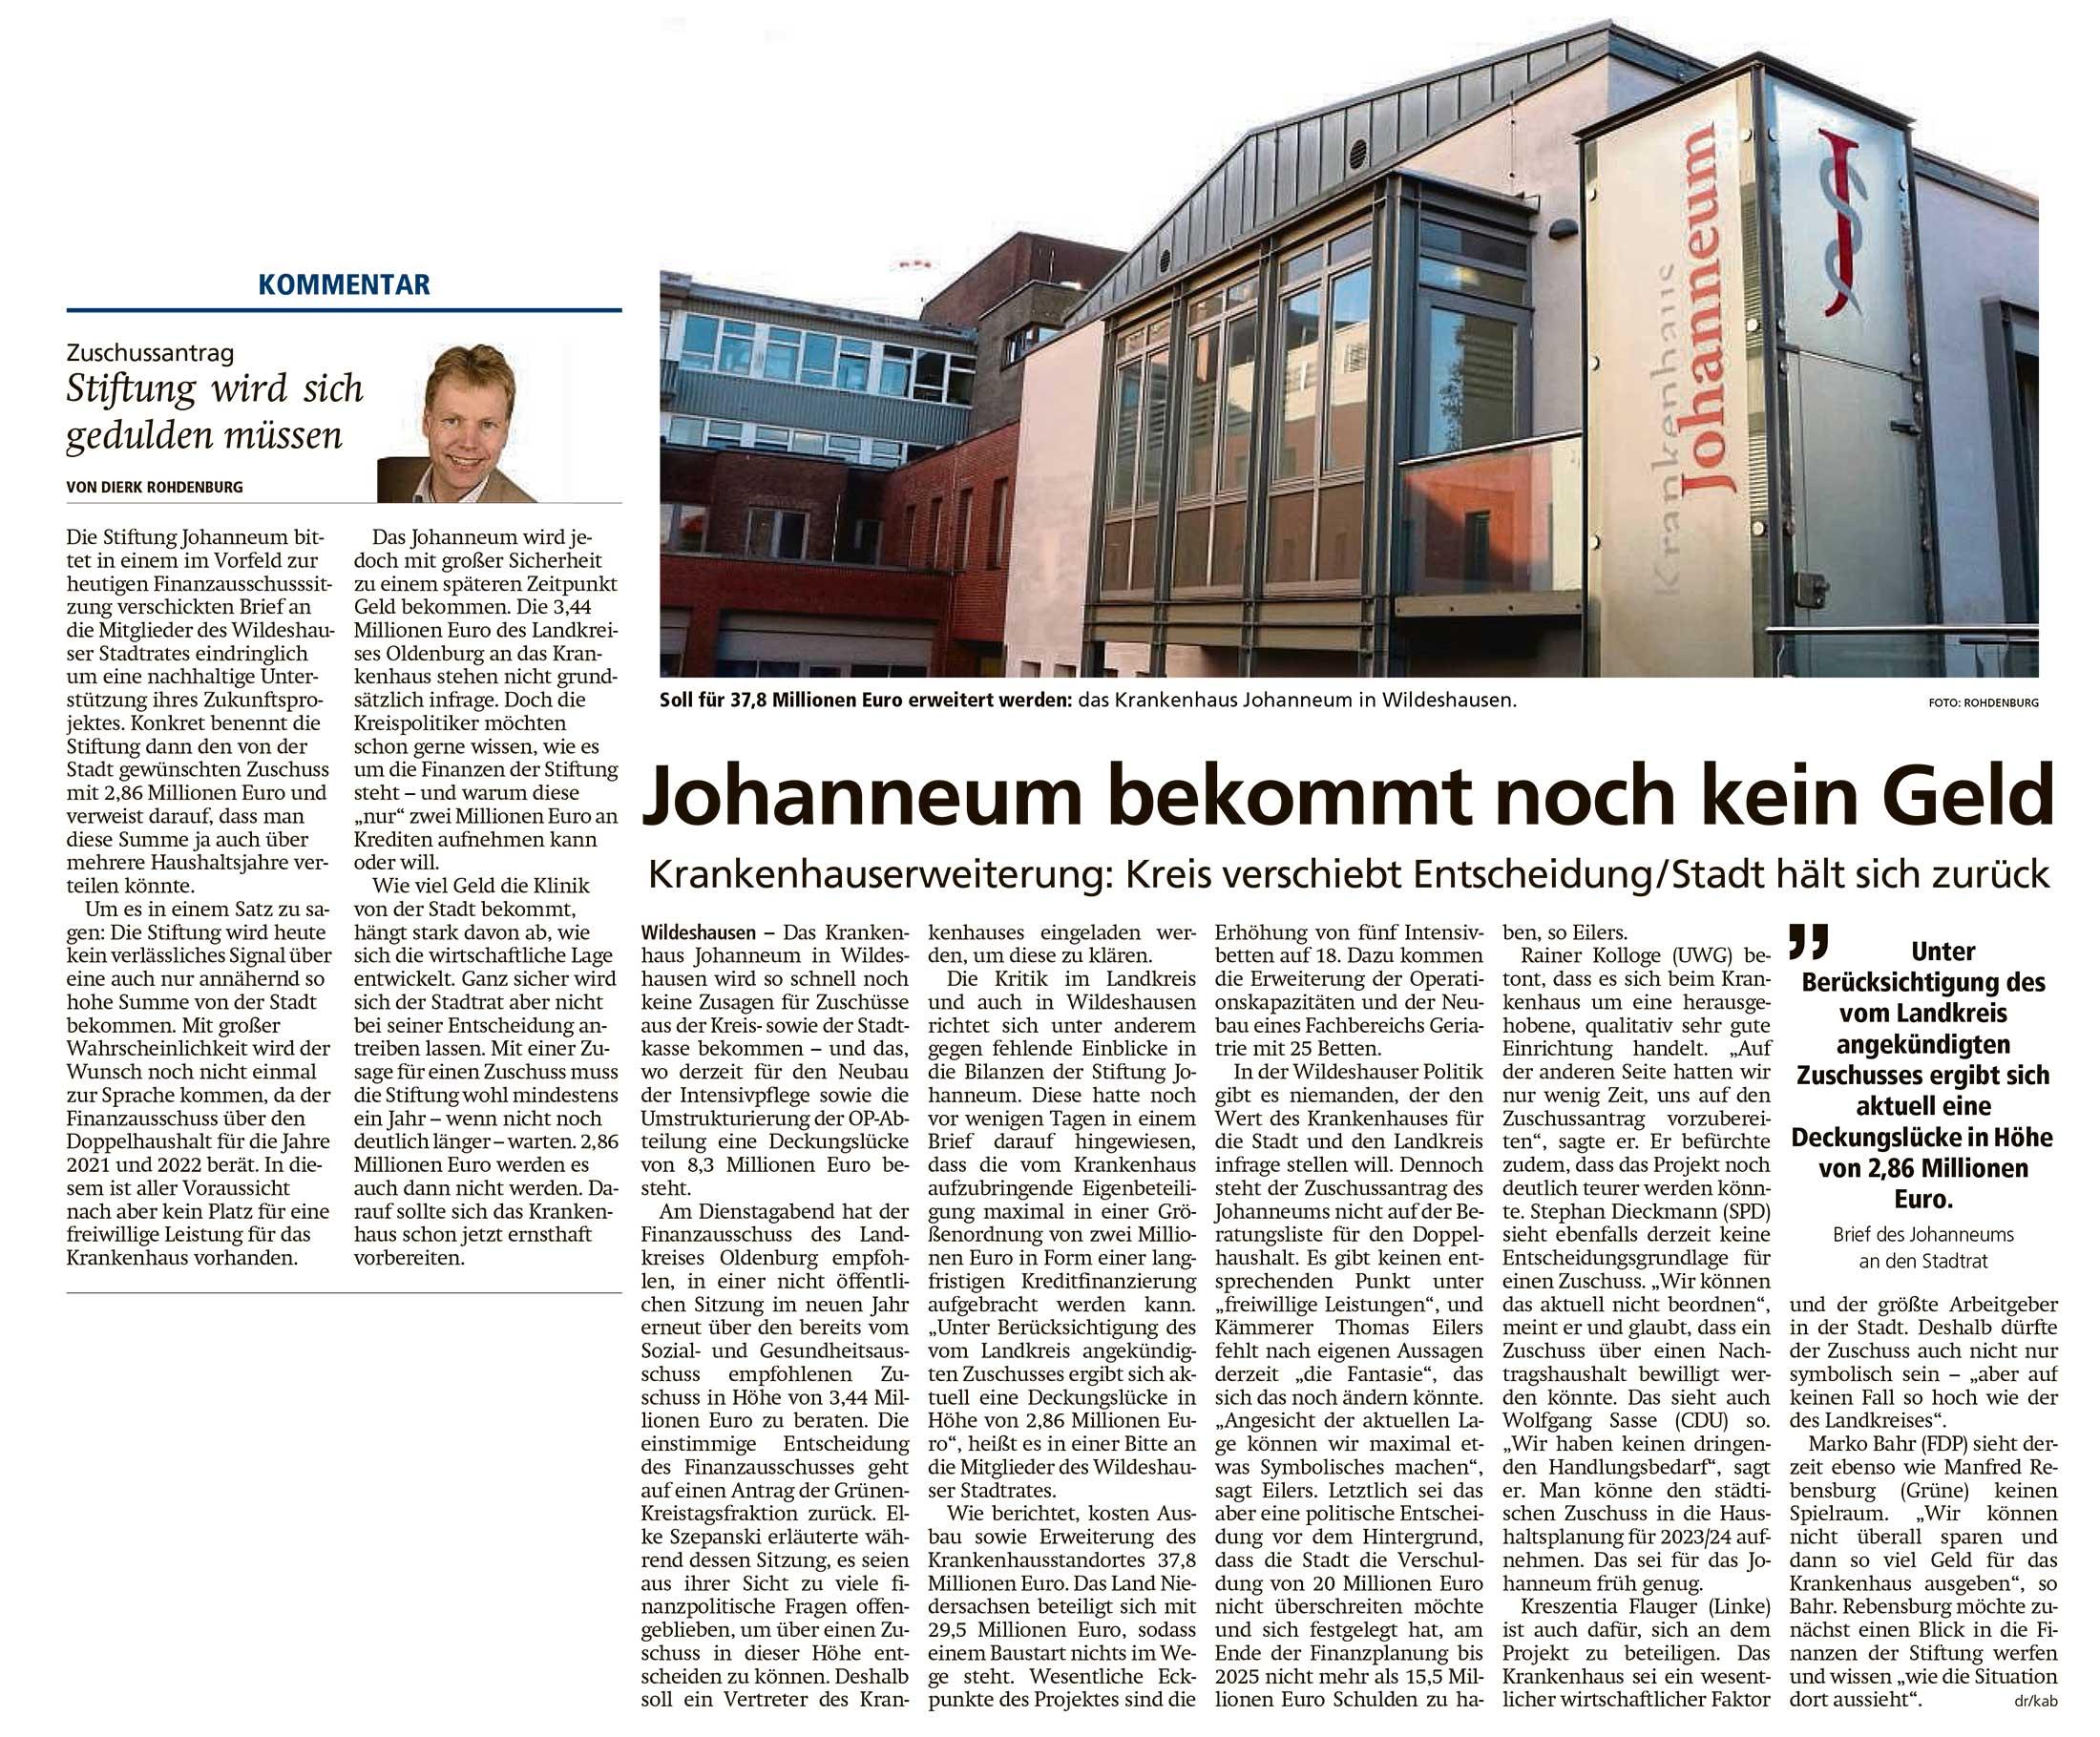 Johanneum bekommt noch kein GeldKrankenhauserweiterung: Kreis verschiebt Entscheidung / Stadt hält sich zurück // Kommentar: 'Stiftung wird sich gedulden müssen'Artikel vom 26.11.2020 (WZ)